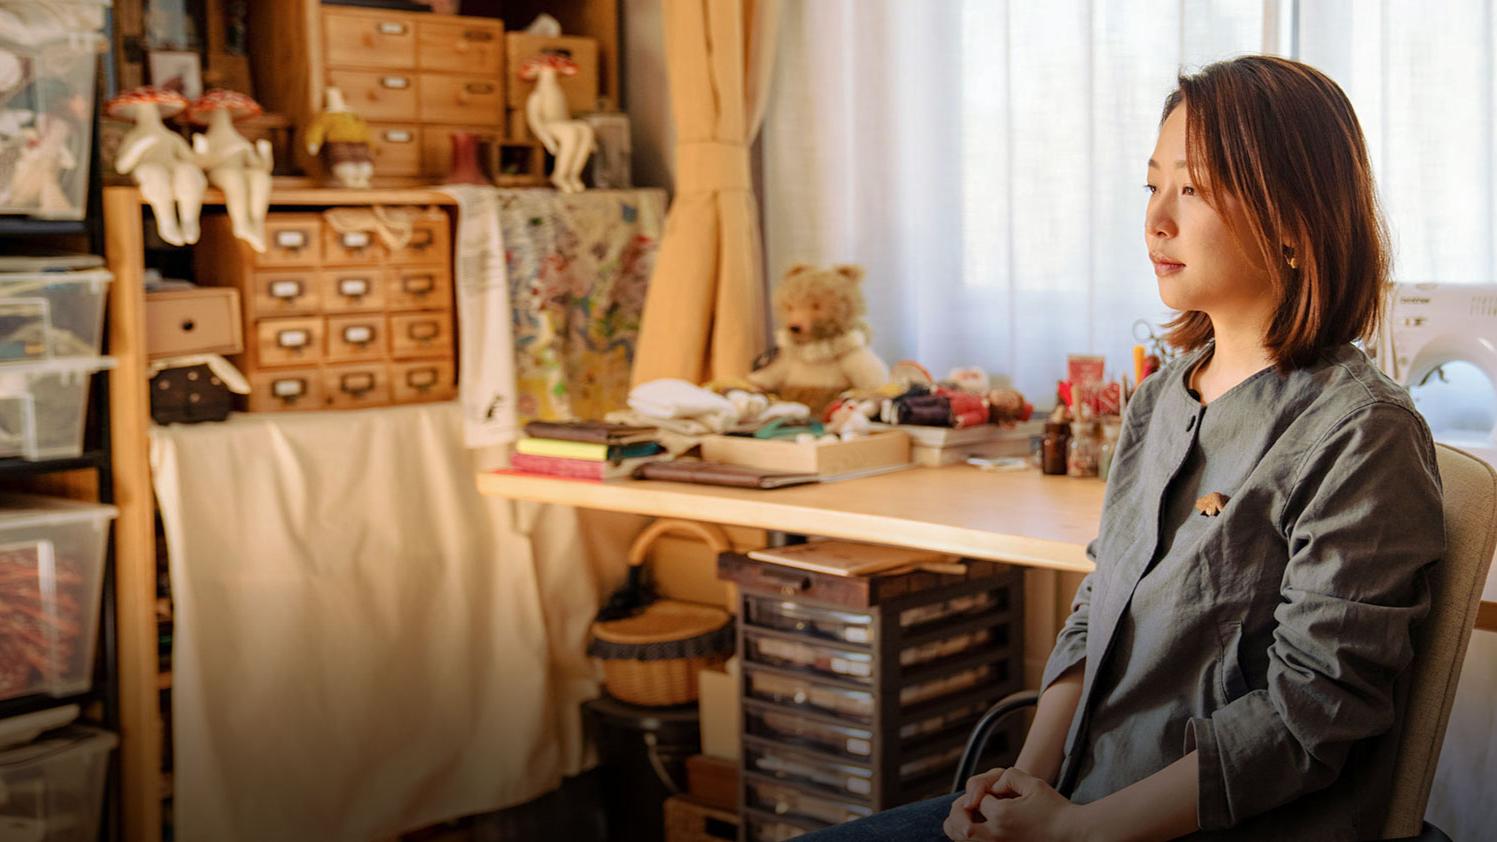 北京女孩家里蹲11年,与社会完全脱节,却红到国外